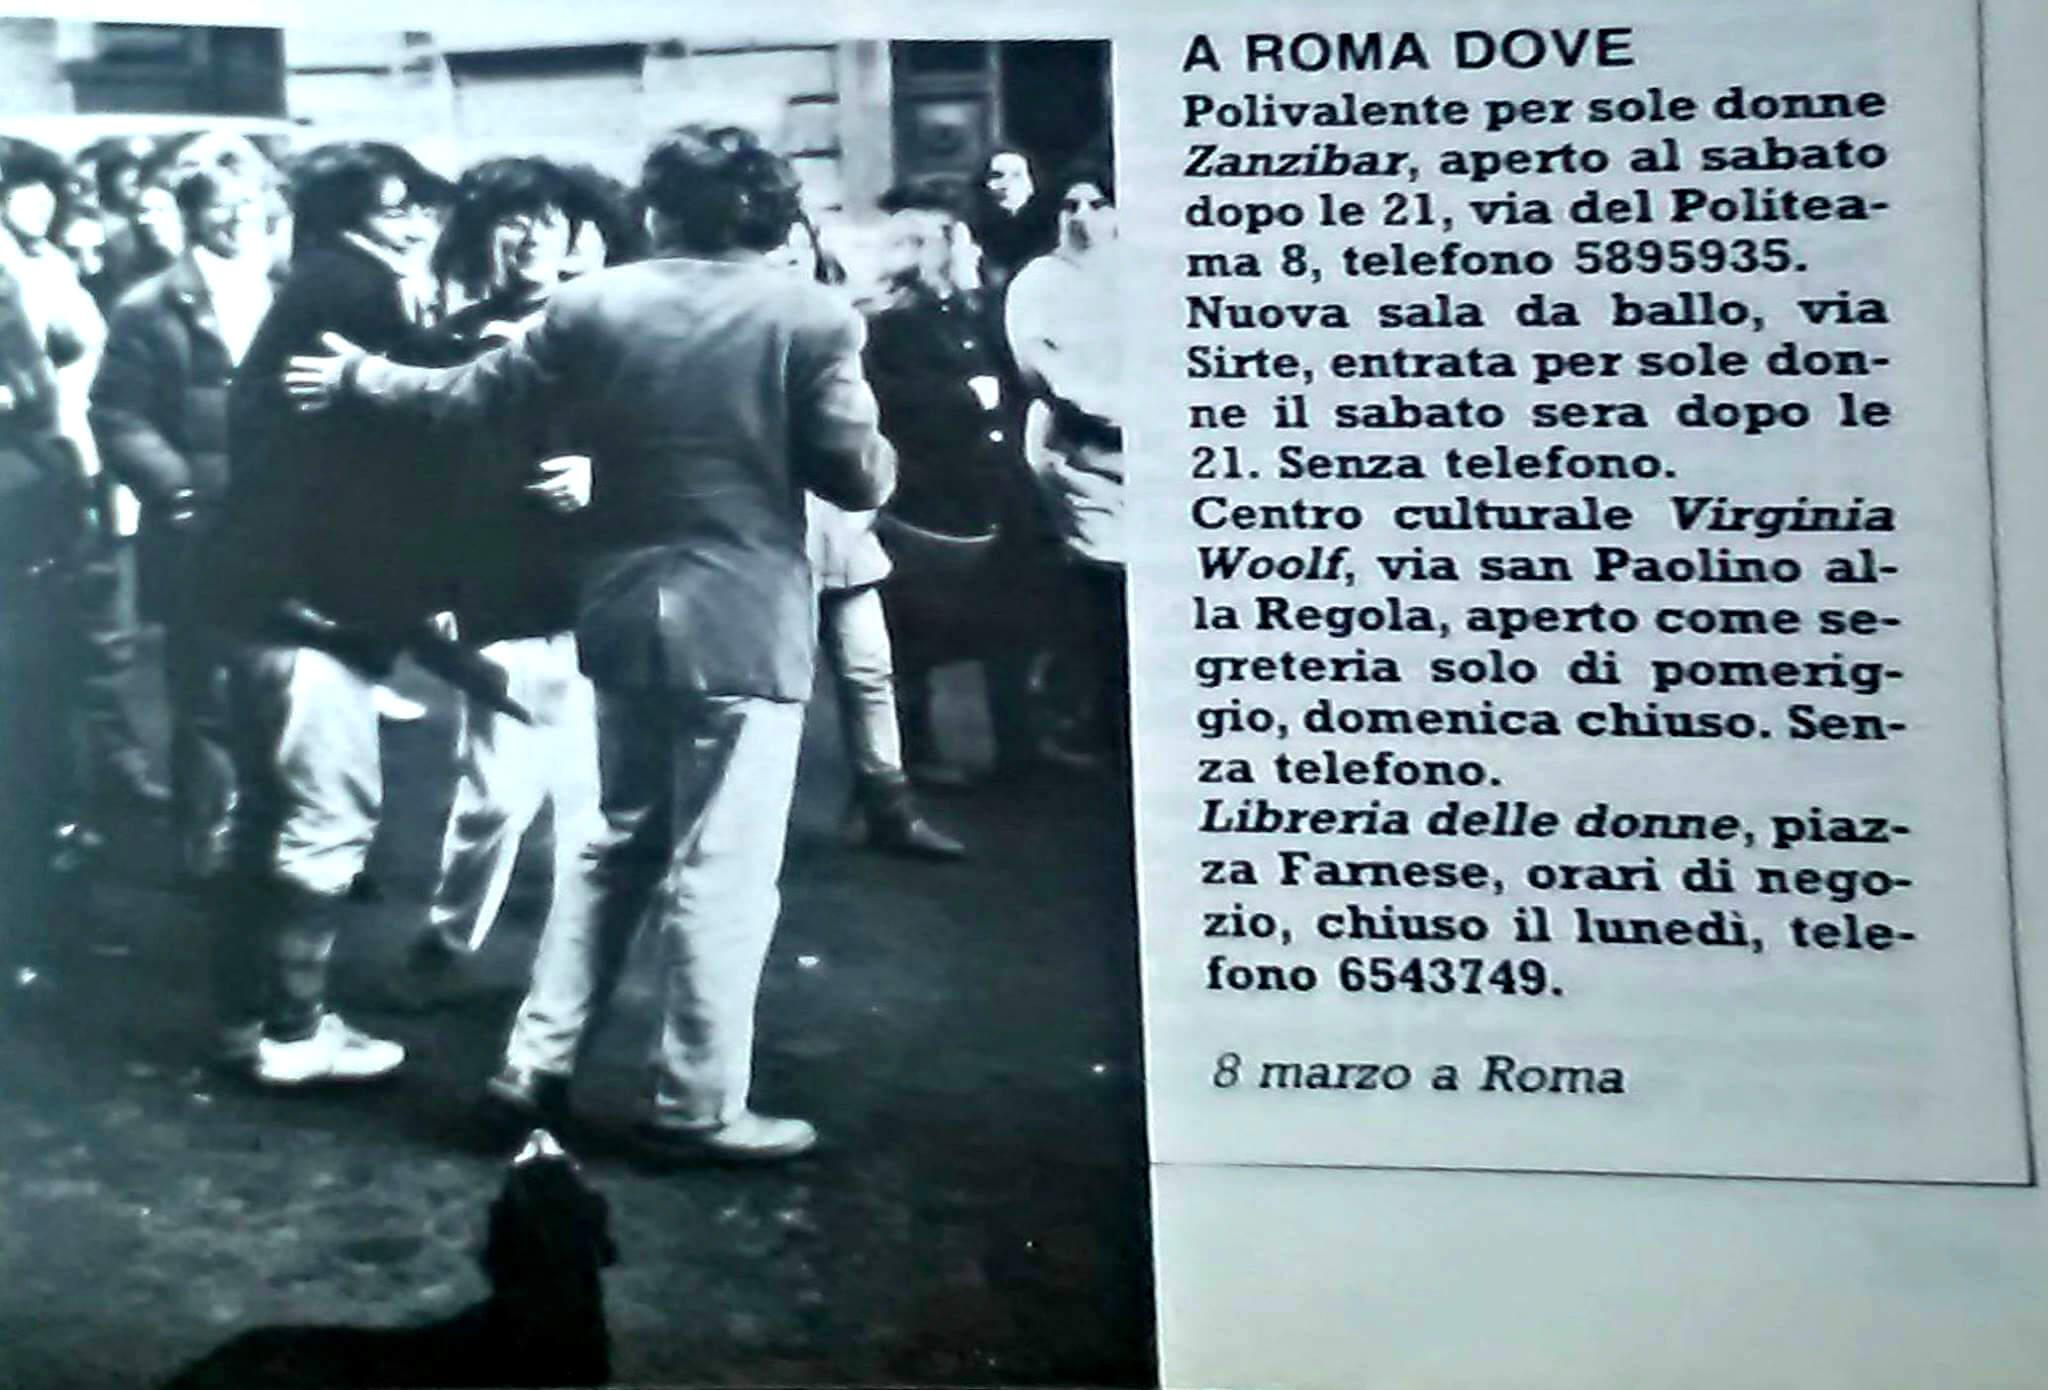 Luoghi d'incontro per sole donne a Roma nel 1984.